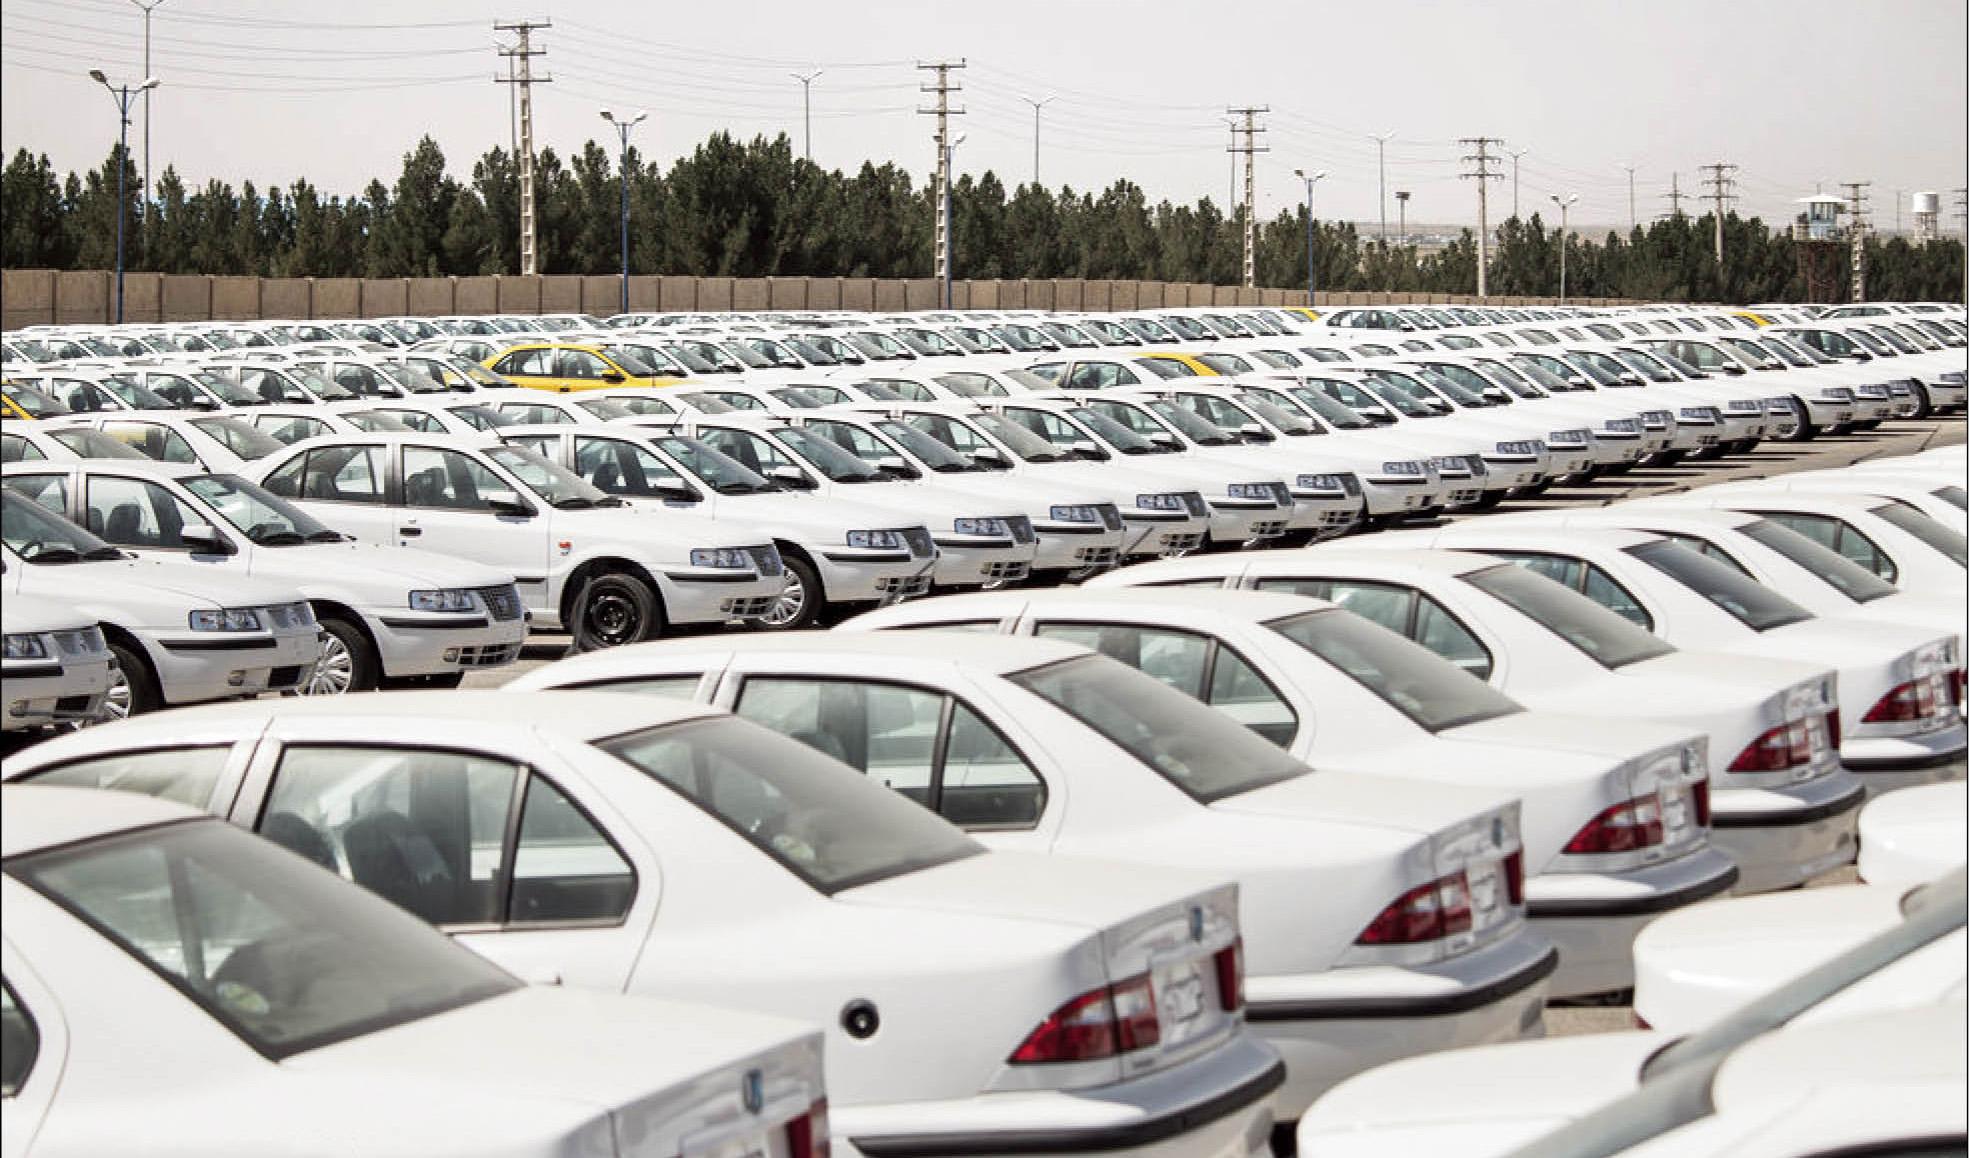 جزئیات کیفیت خودروها در آبان ماه امسال منتشر شد + جدول